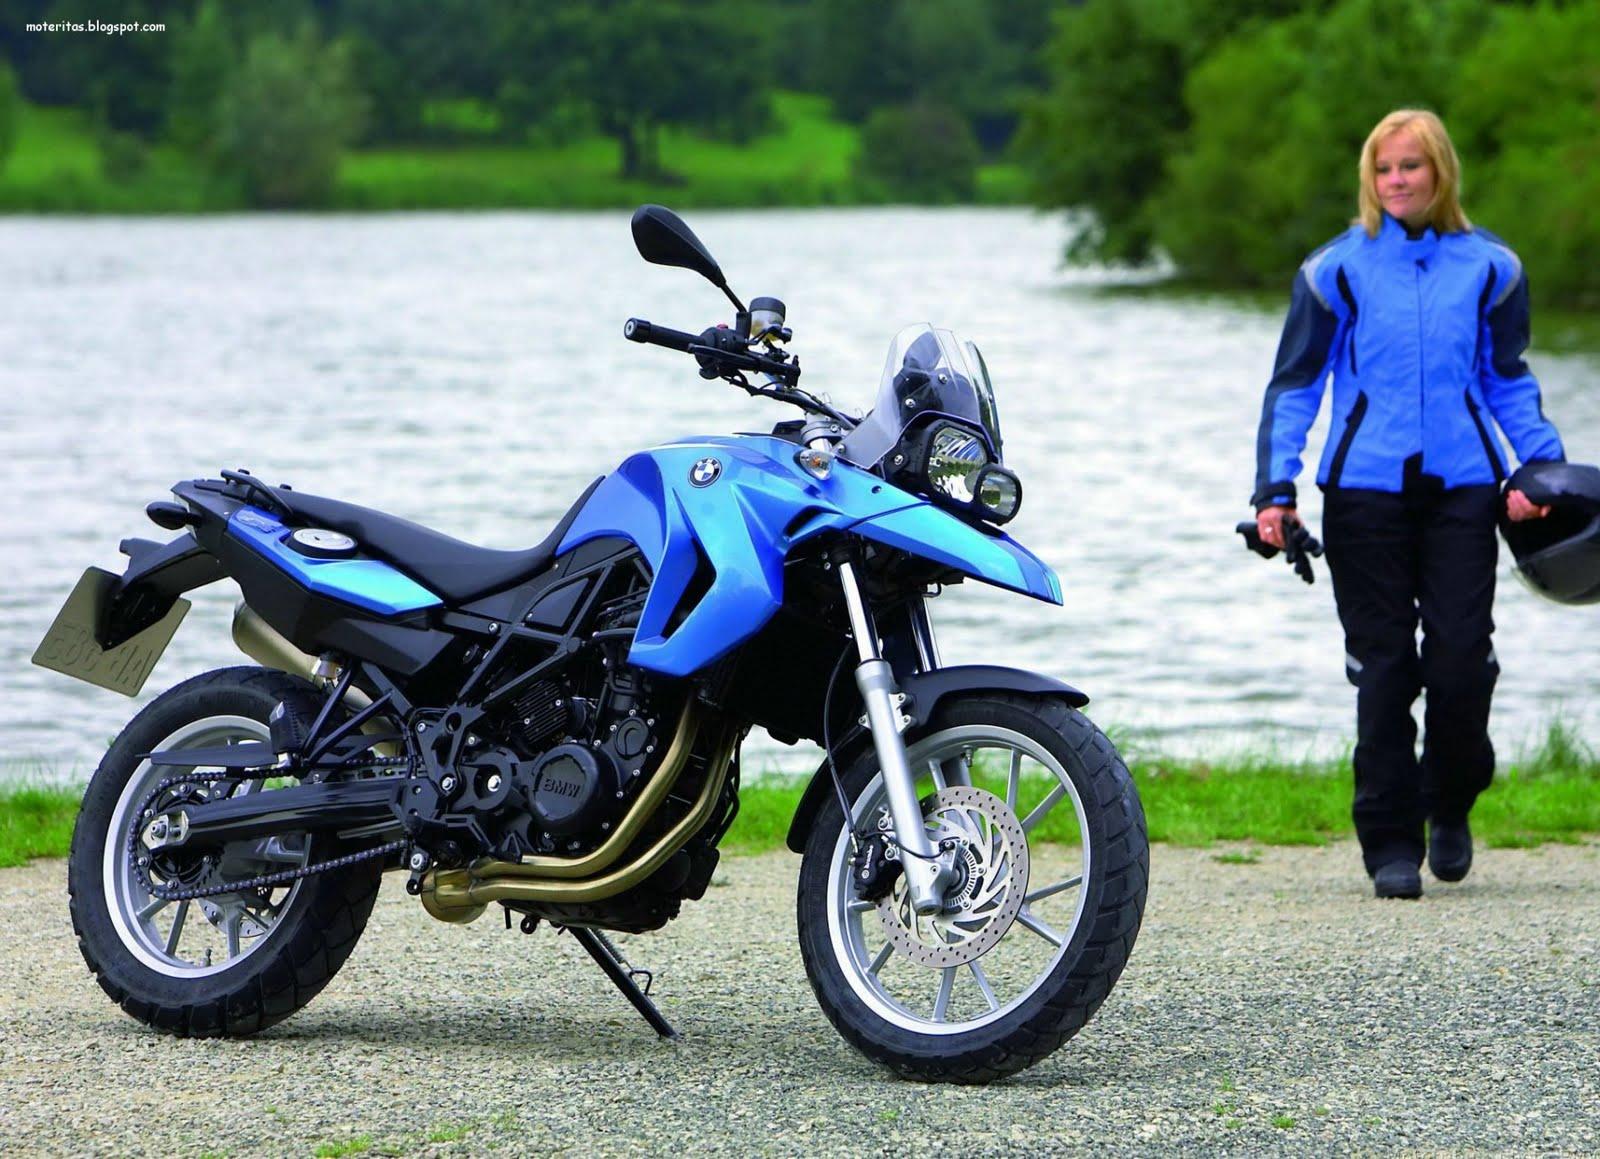 Motos Y Mujeres Resoluci 243 N Hd Motos Trail Bmw 650gs